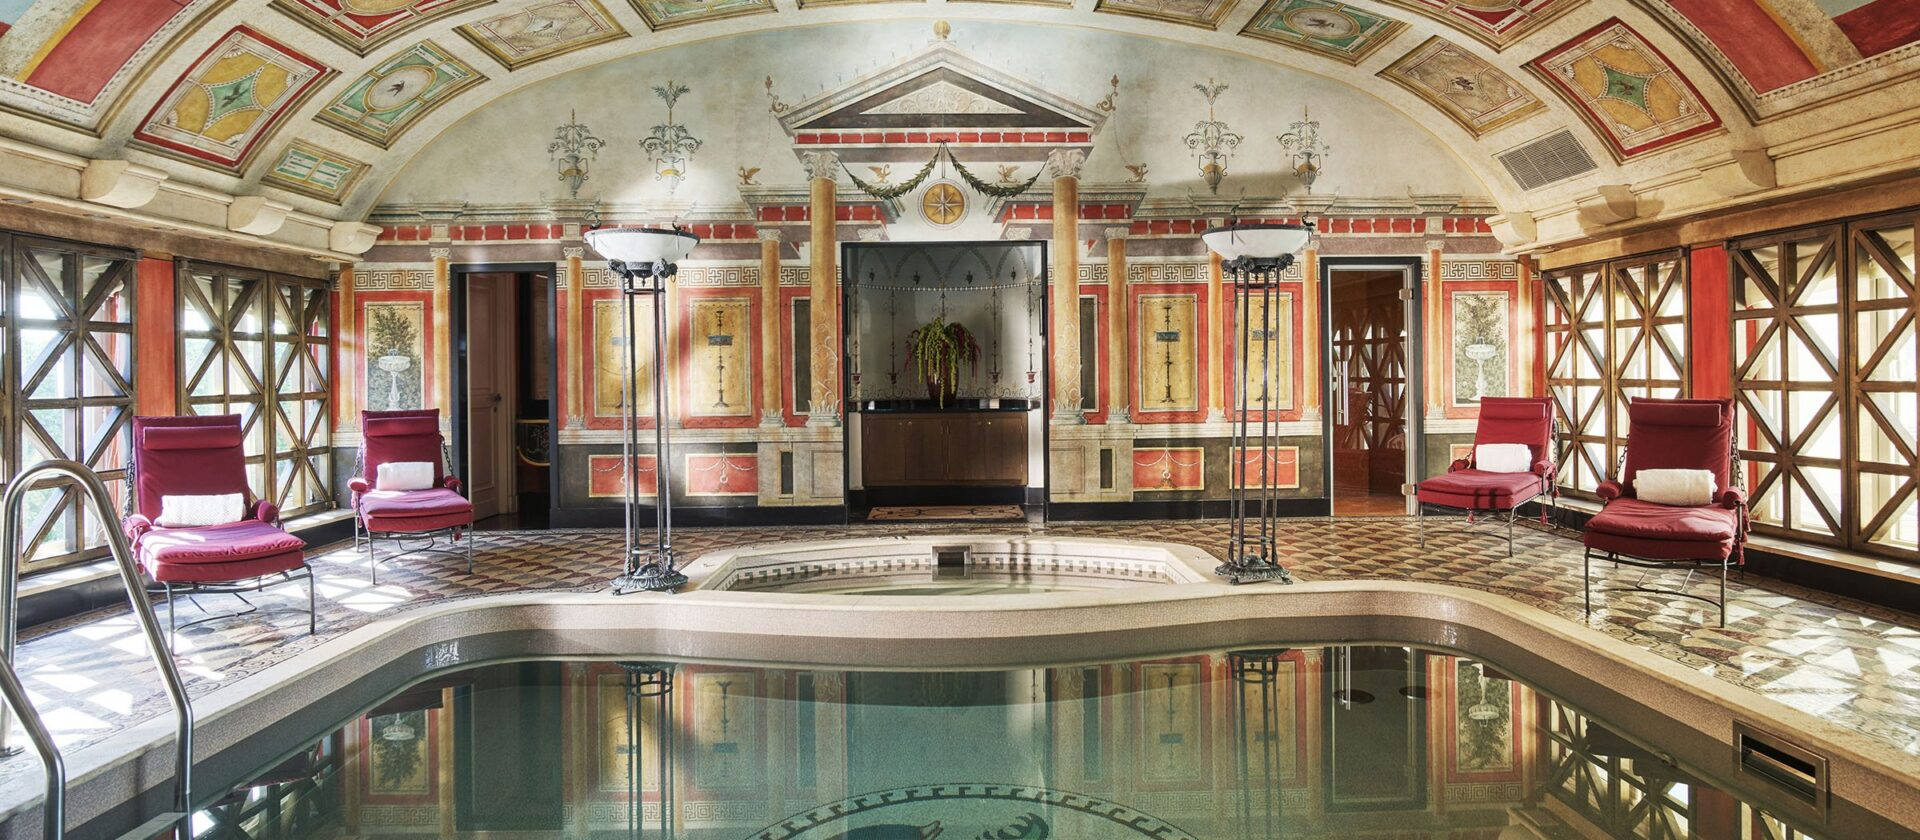 Foto Di Piscine Private presidential suite at hotel principe di savoia | dorchester